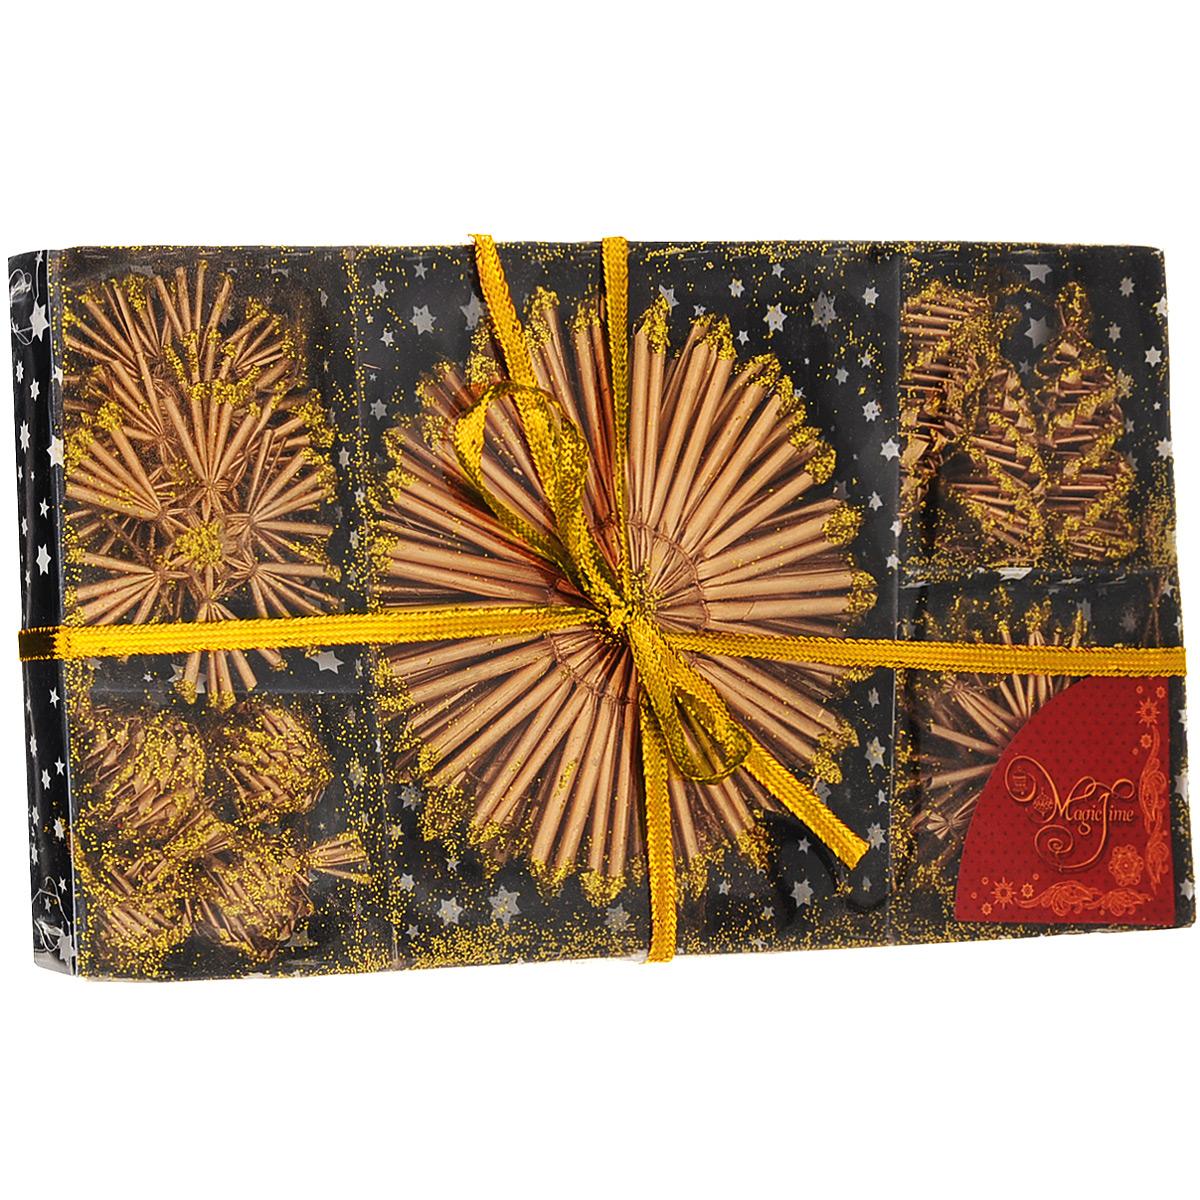 Набор новогодних подвесных украшений Magic Time, цвет: золотой, 18 шт. 3468434684Набор новогодних подвесных украшений Magic Time, изготовленный из соломки, украсит интерьер вашего дома или офиса в преддверии Нового года. Оригинальный дизайн и красочное исполнение создадут праздничное настроение. Набор состоит из 18 фигурок снежинок и шишек, украшенных золотистыми блестками. Украшения отлично подойдут для декорации вашего дома и новогодней ели. Игрушки оснащены специальными петлями для подвешивания.Елочная игрушка - символ Нового года. Она несет в себе волшебство и красоту праздника. Создайте в своем доме атмосферу веселья и радости, украшая всей семьей новогоднюю елку нарядными игрушками, которые будут из года в год накапливать теплоту воспоминаний. Коллекция декоративных украшений из серии Magic Time принесет в ваш дом ни с чем не сравнимое ощущение волшебства!